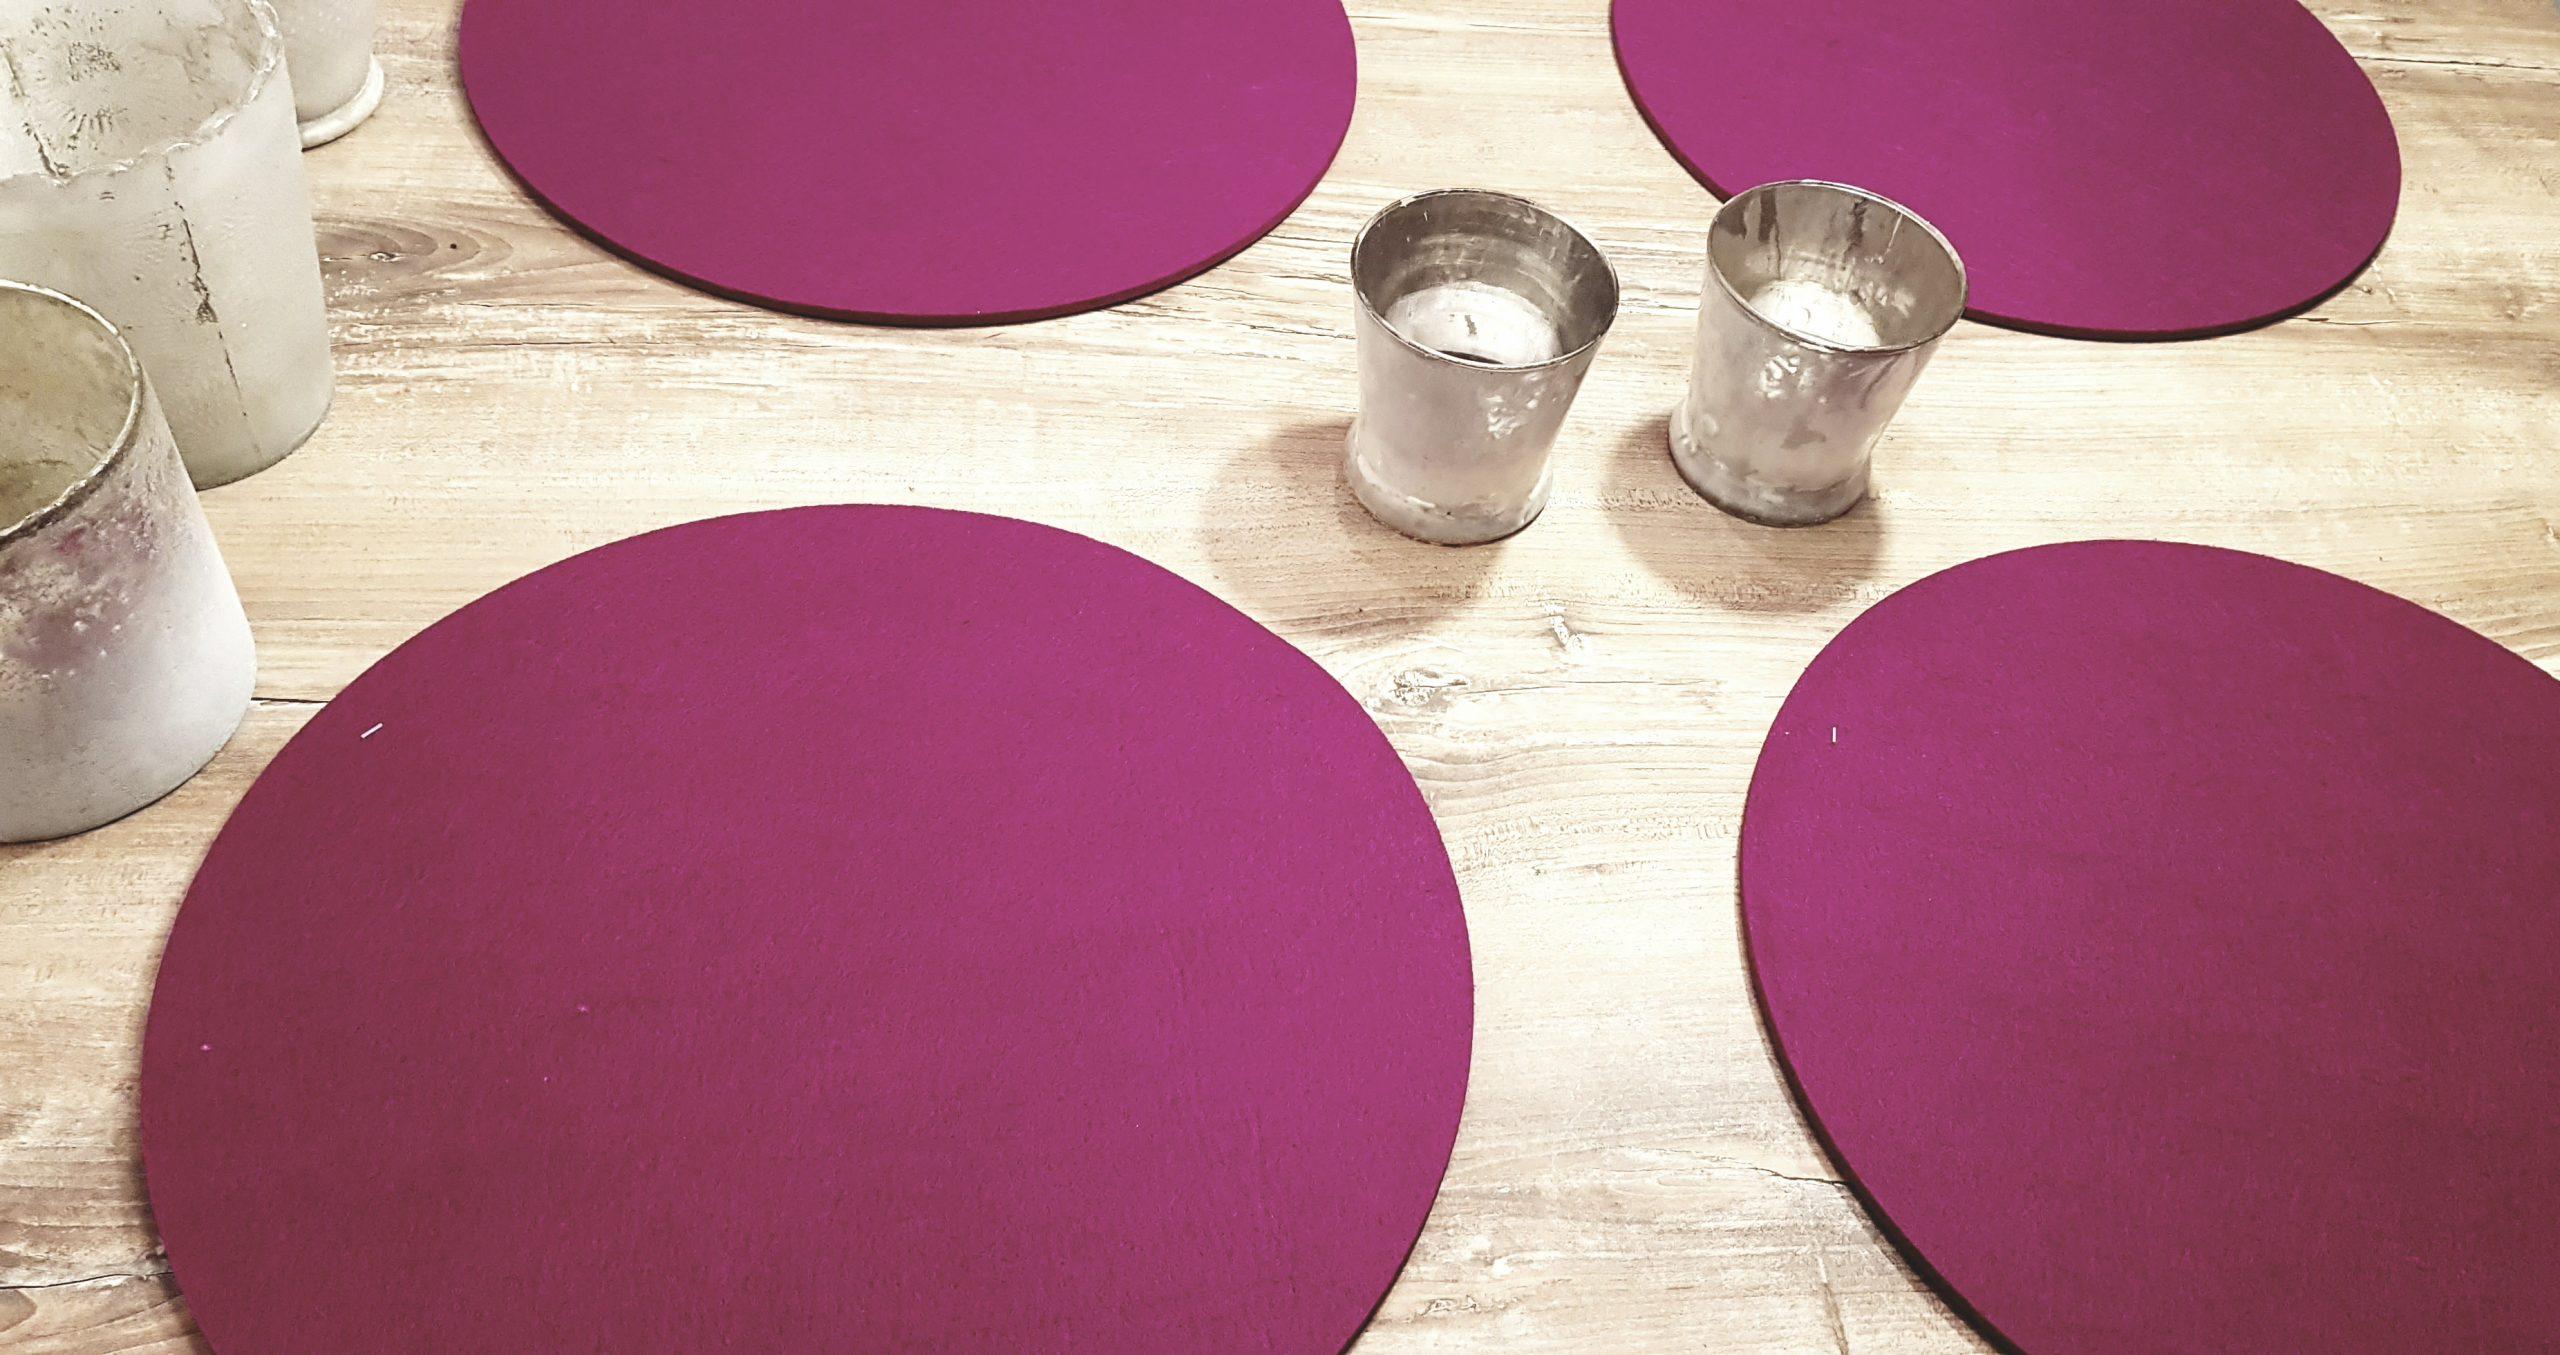 Pinker Filz-Untersetzter rund auf Holztisch - Handgemachte individualisierbare Taschen, Körbe, Tischsets, Dekoartikel und mehr auf fideko.de der Onlineshop seit 2011